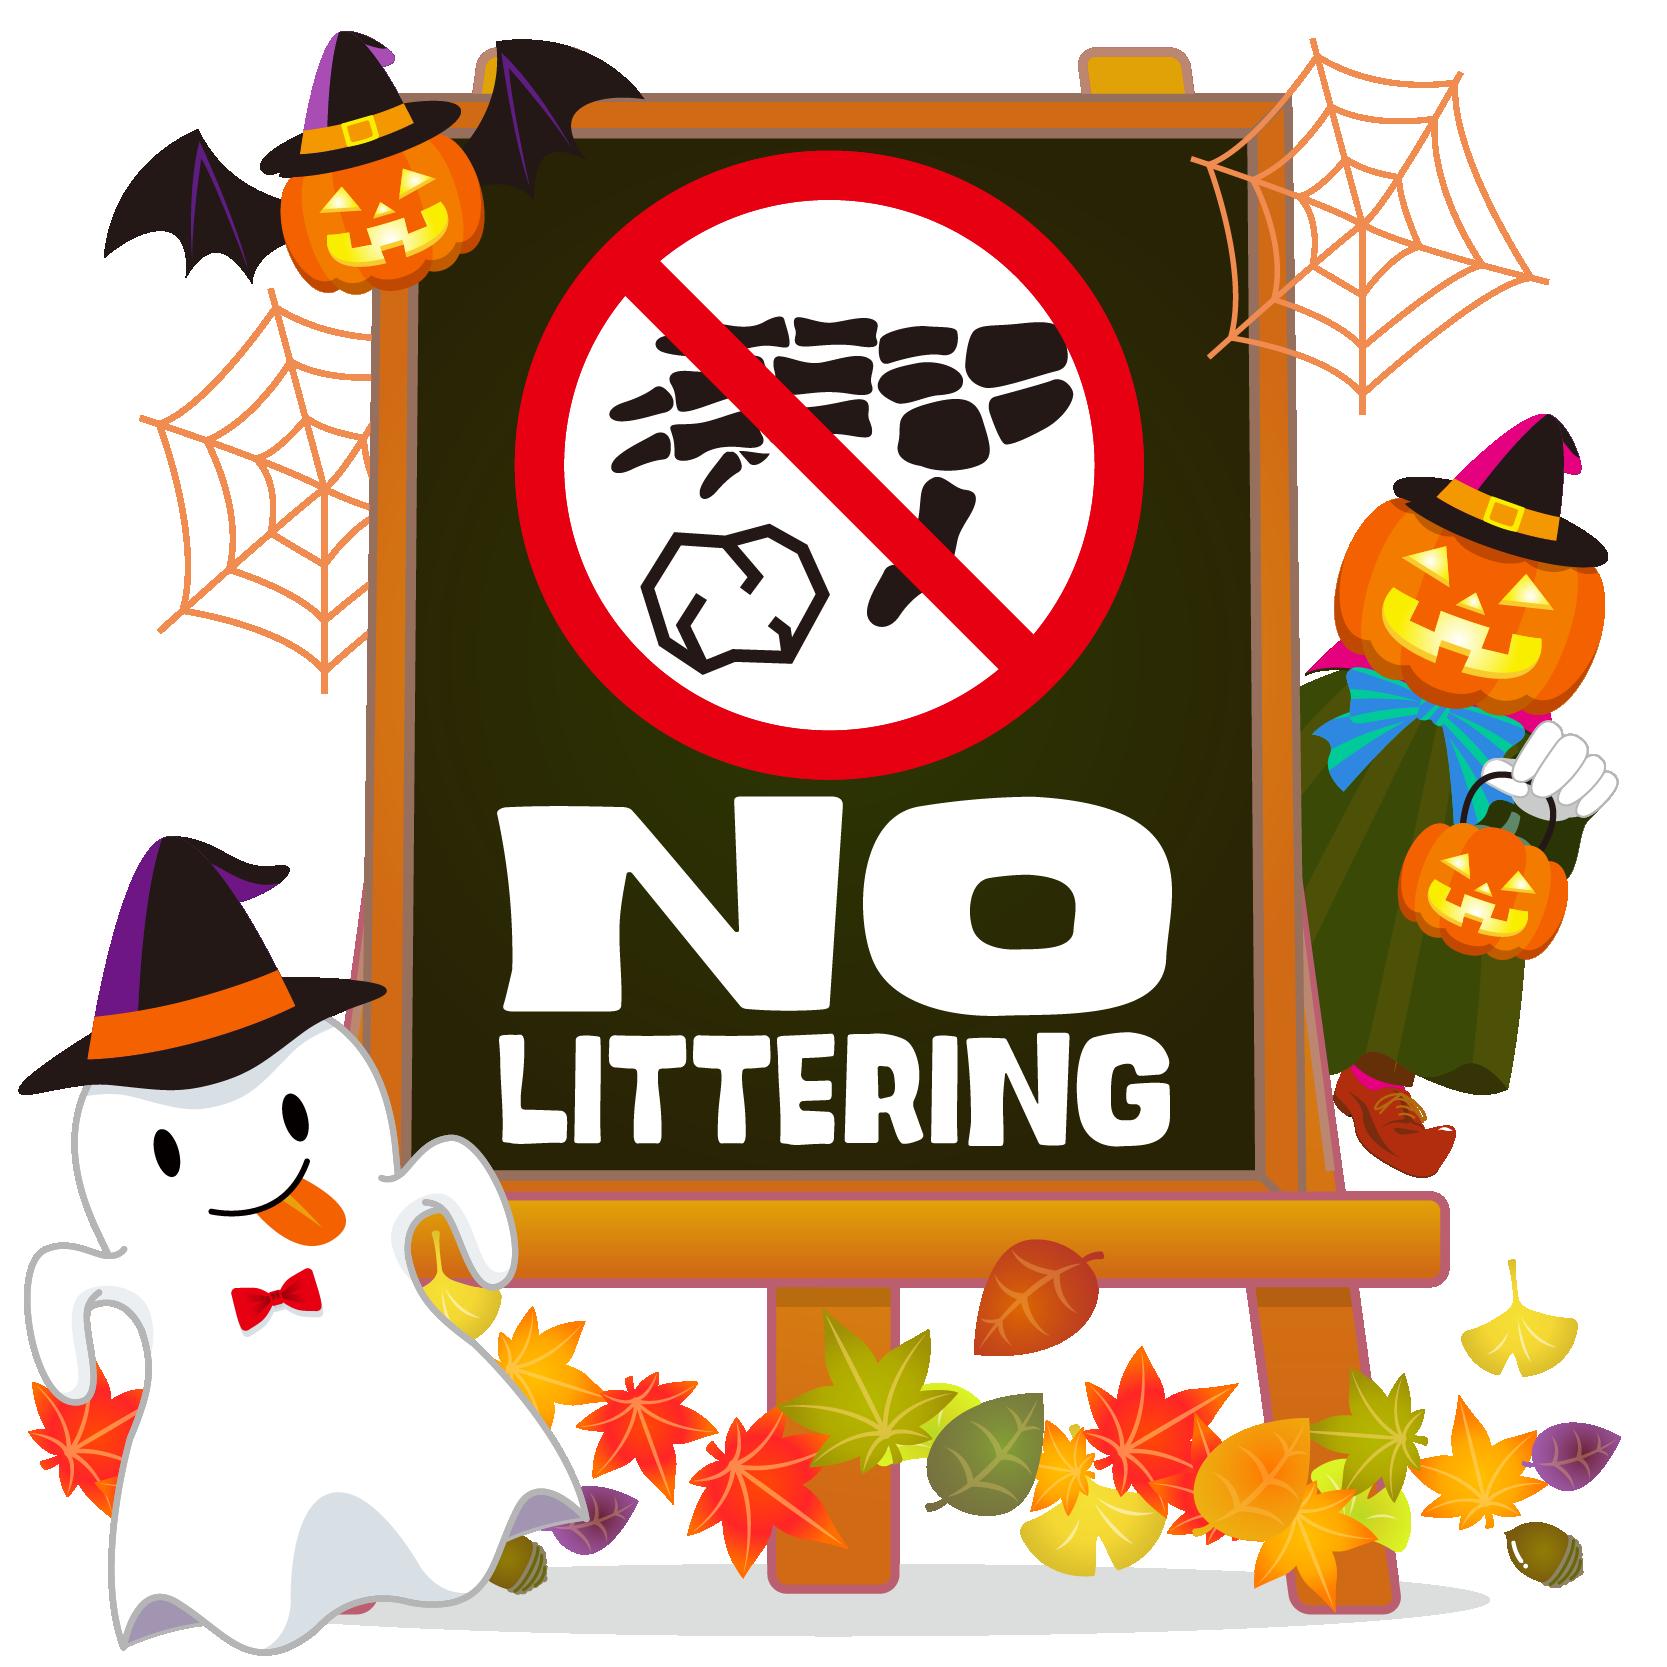 商用フリーイラスト_無料_10月_ハロウィン_おばけ_かぼちゃ_halloween_フレーム_イーゼル_黒板_NO LITTERING_ポイ捨て禁止